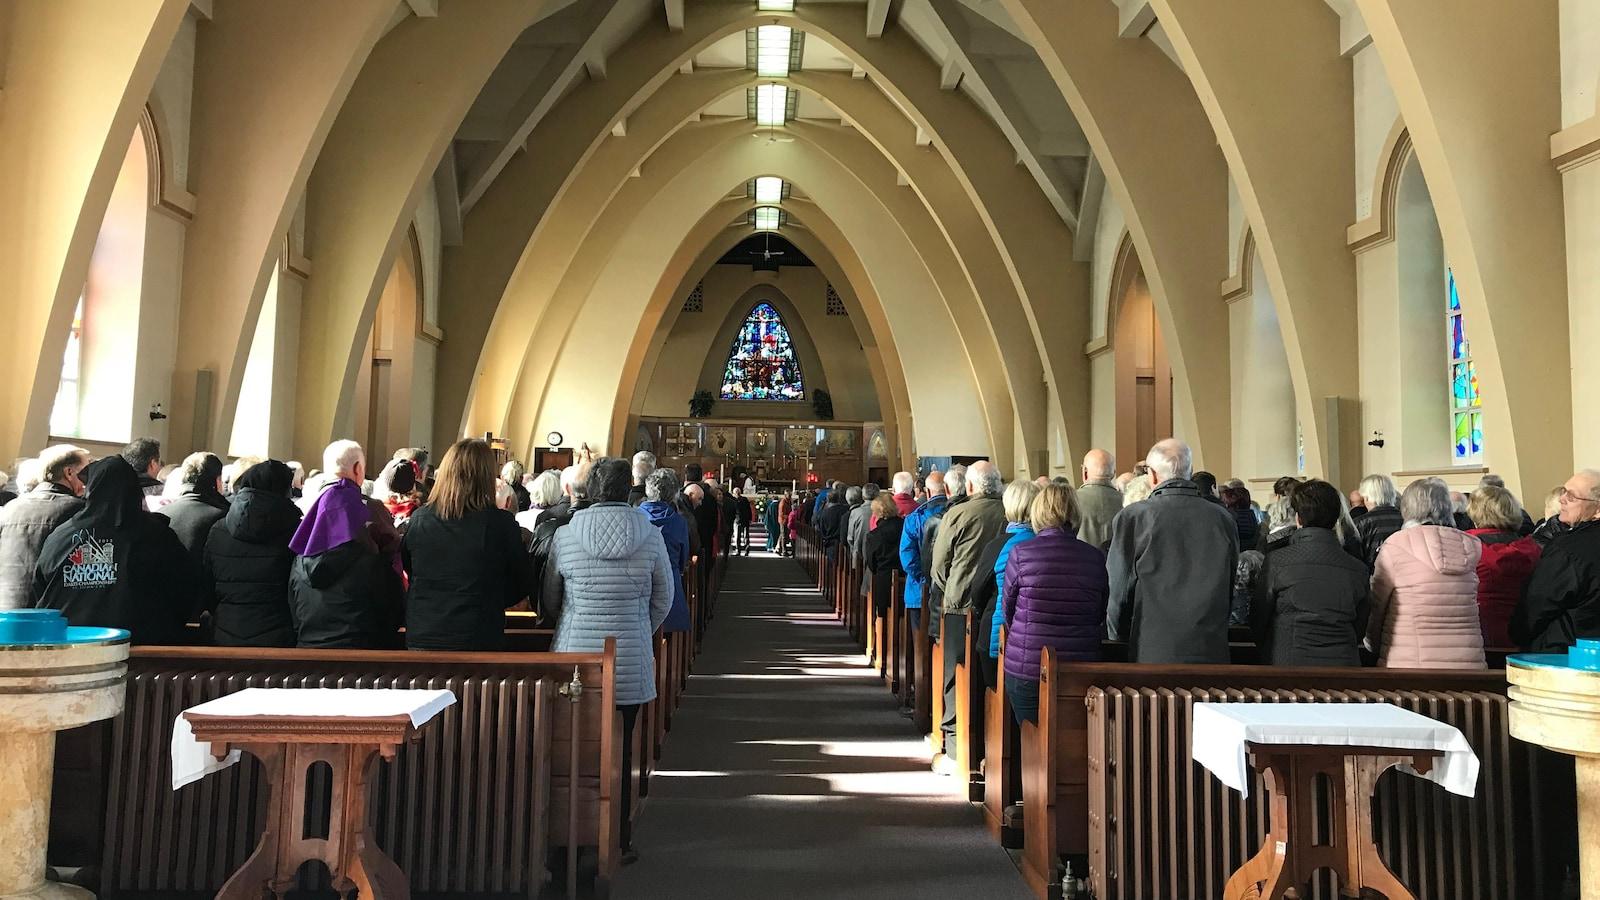 Les paroissiens et paroissiennes se tiennent debout dans l'église.